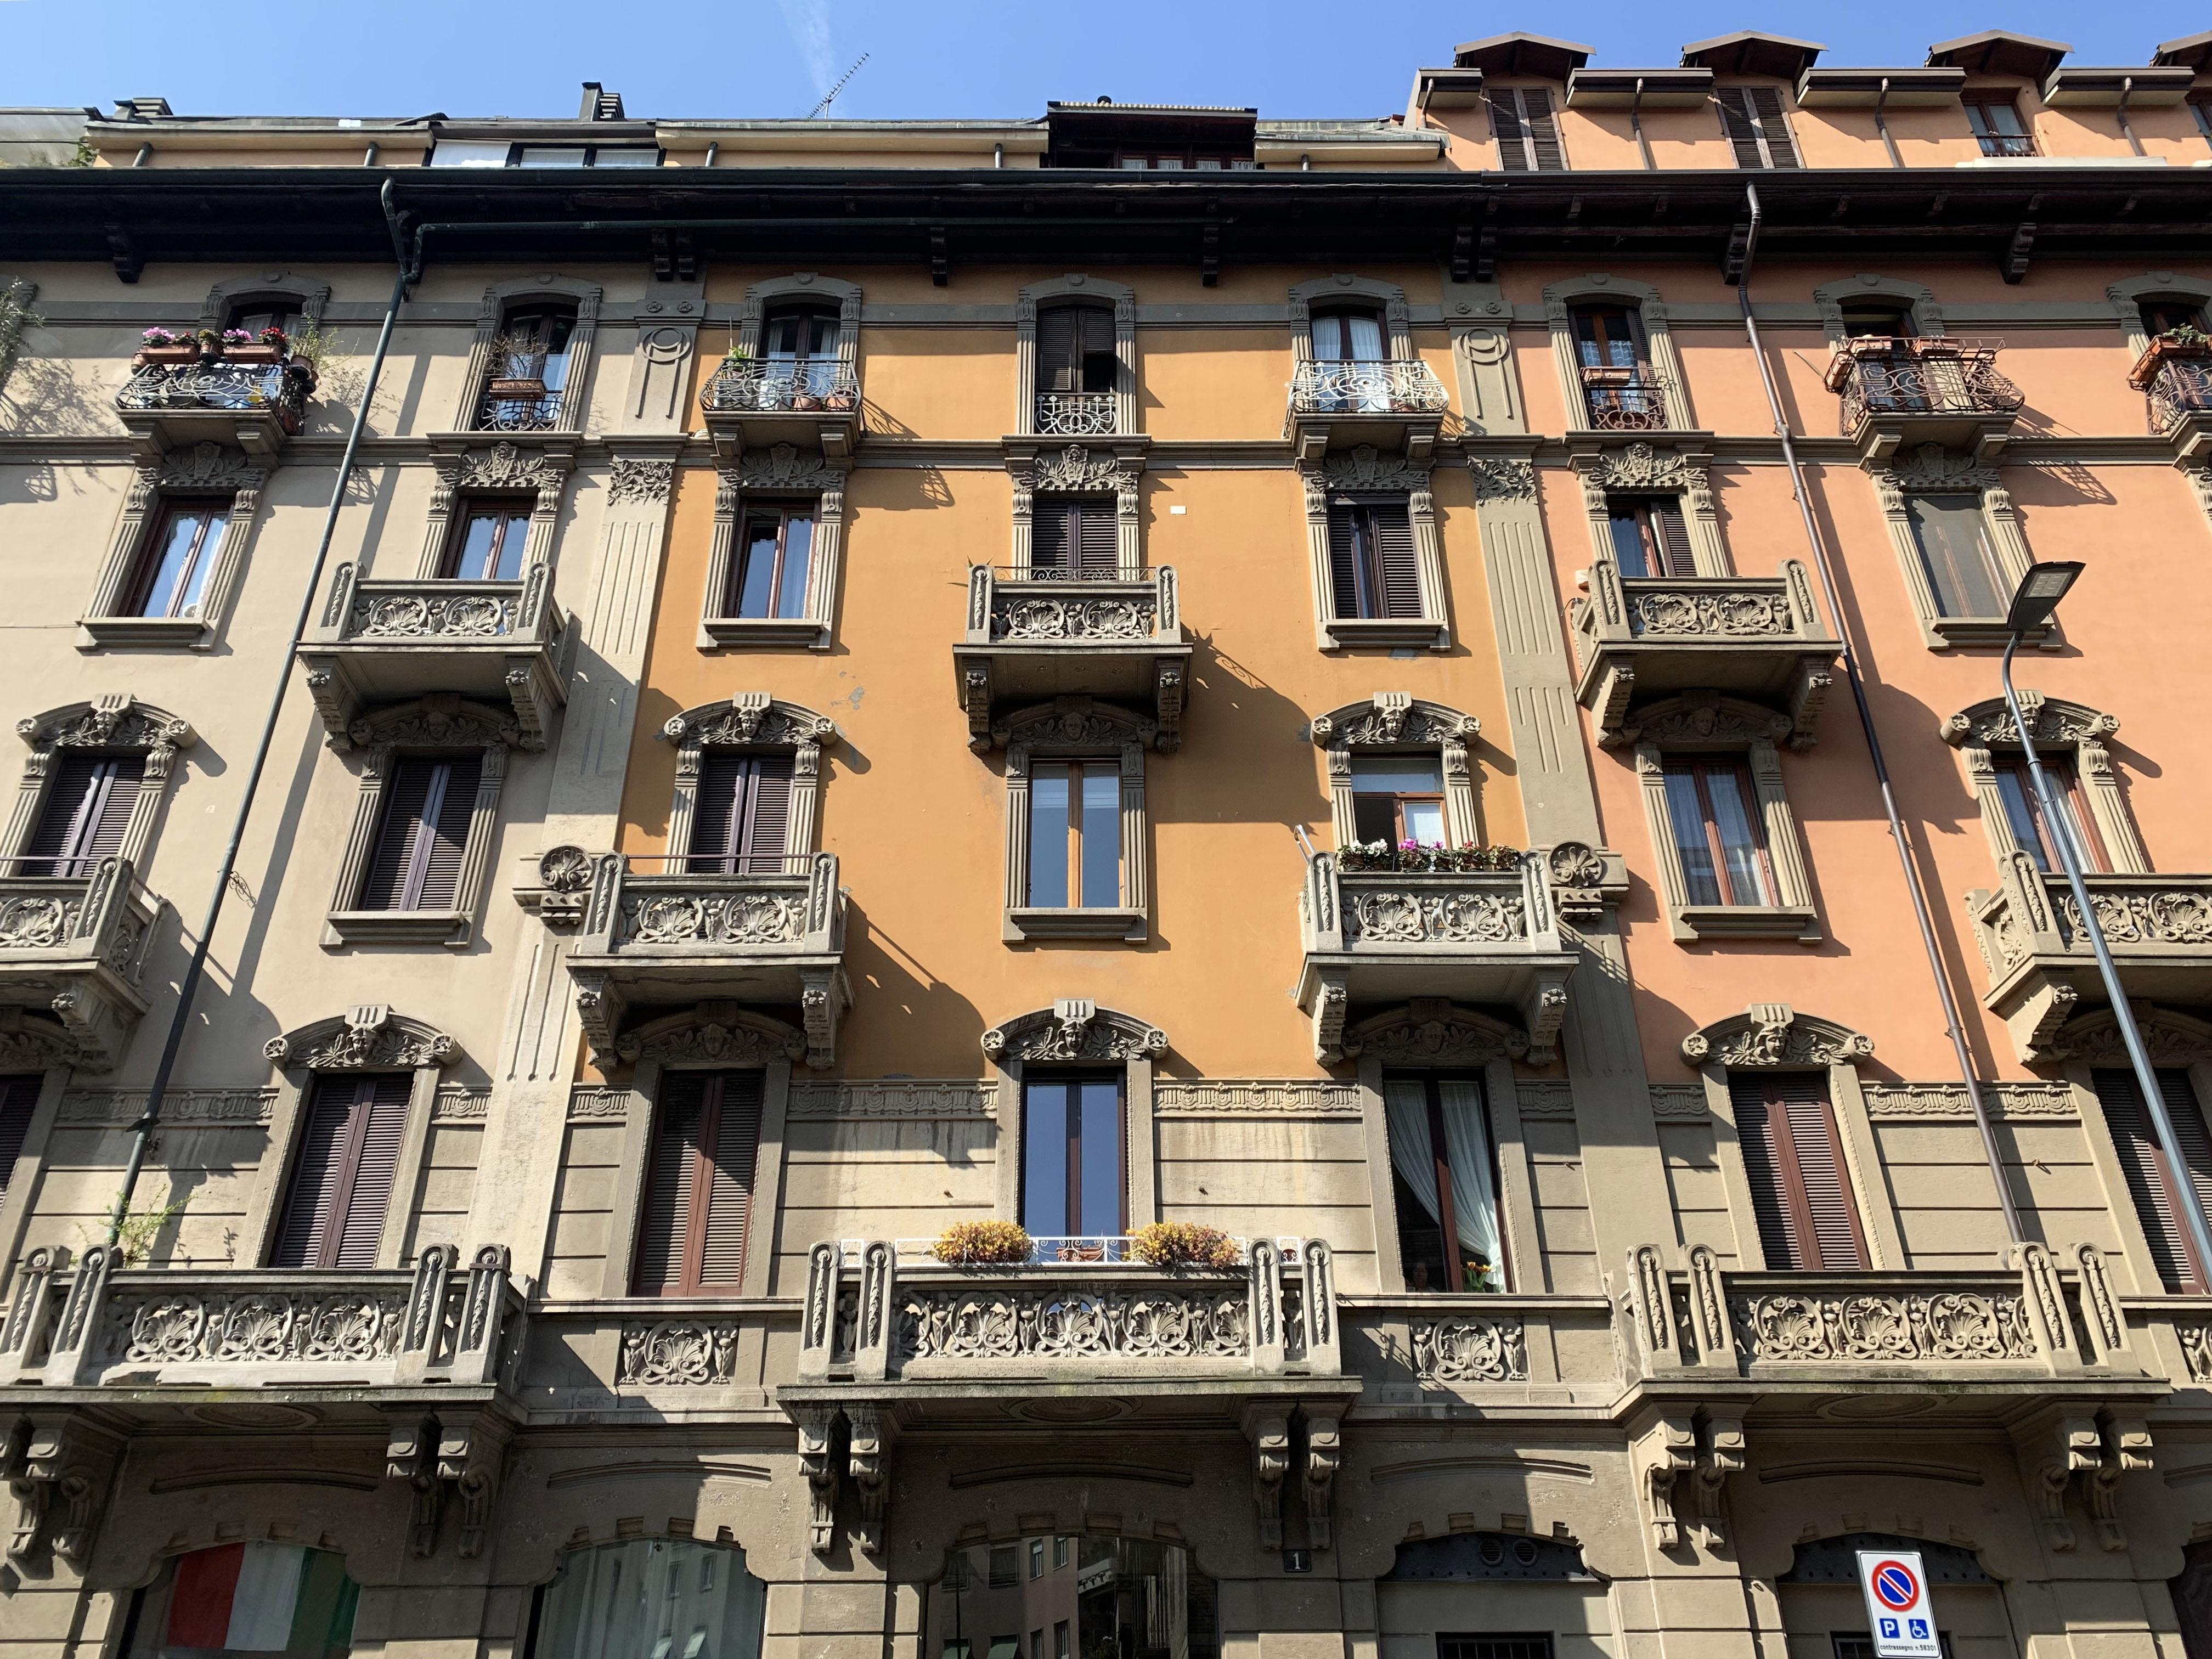 Gaffurio: trilocale con balcone in ottimo stato